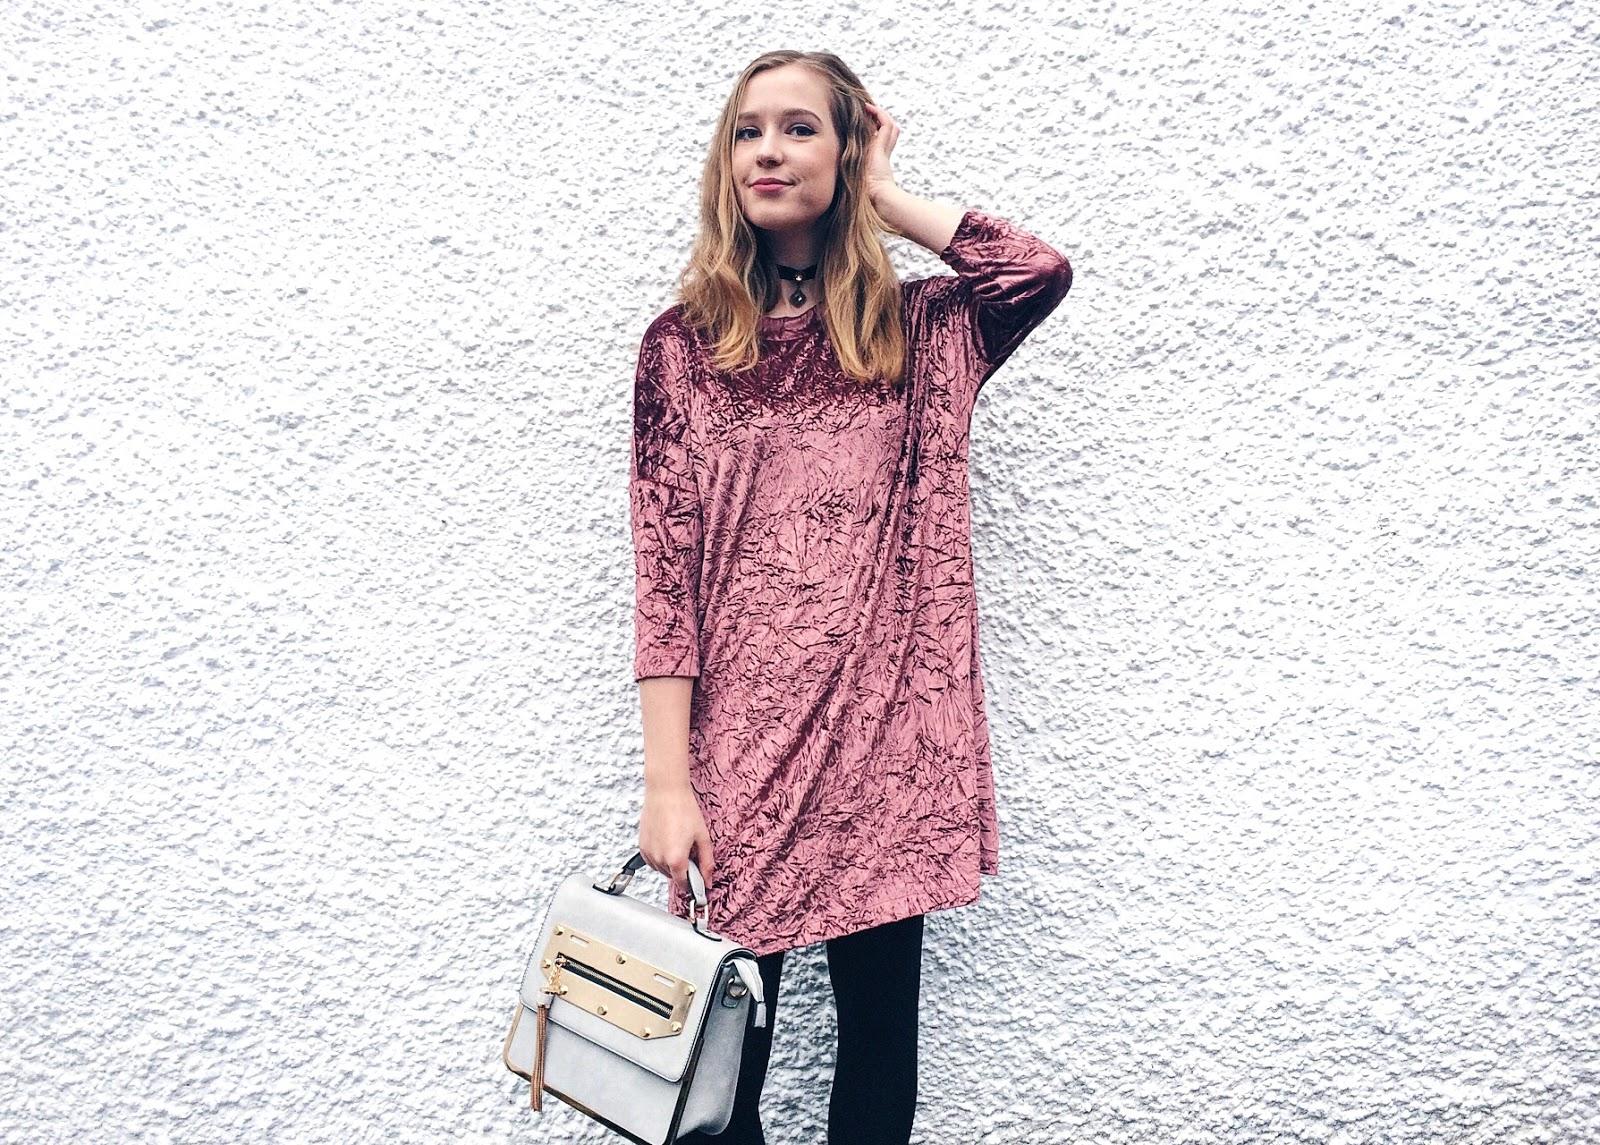 Velvet Winter Outfit